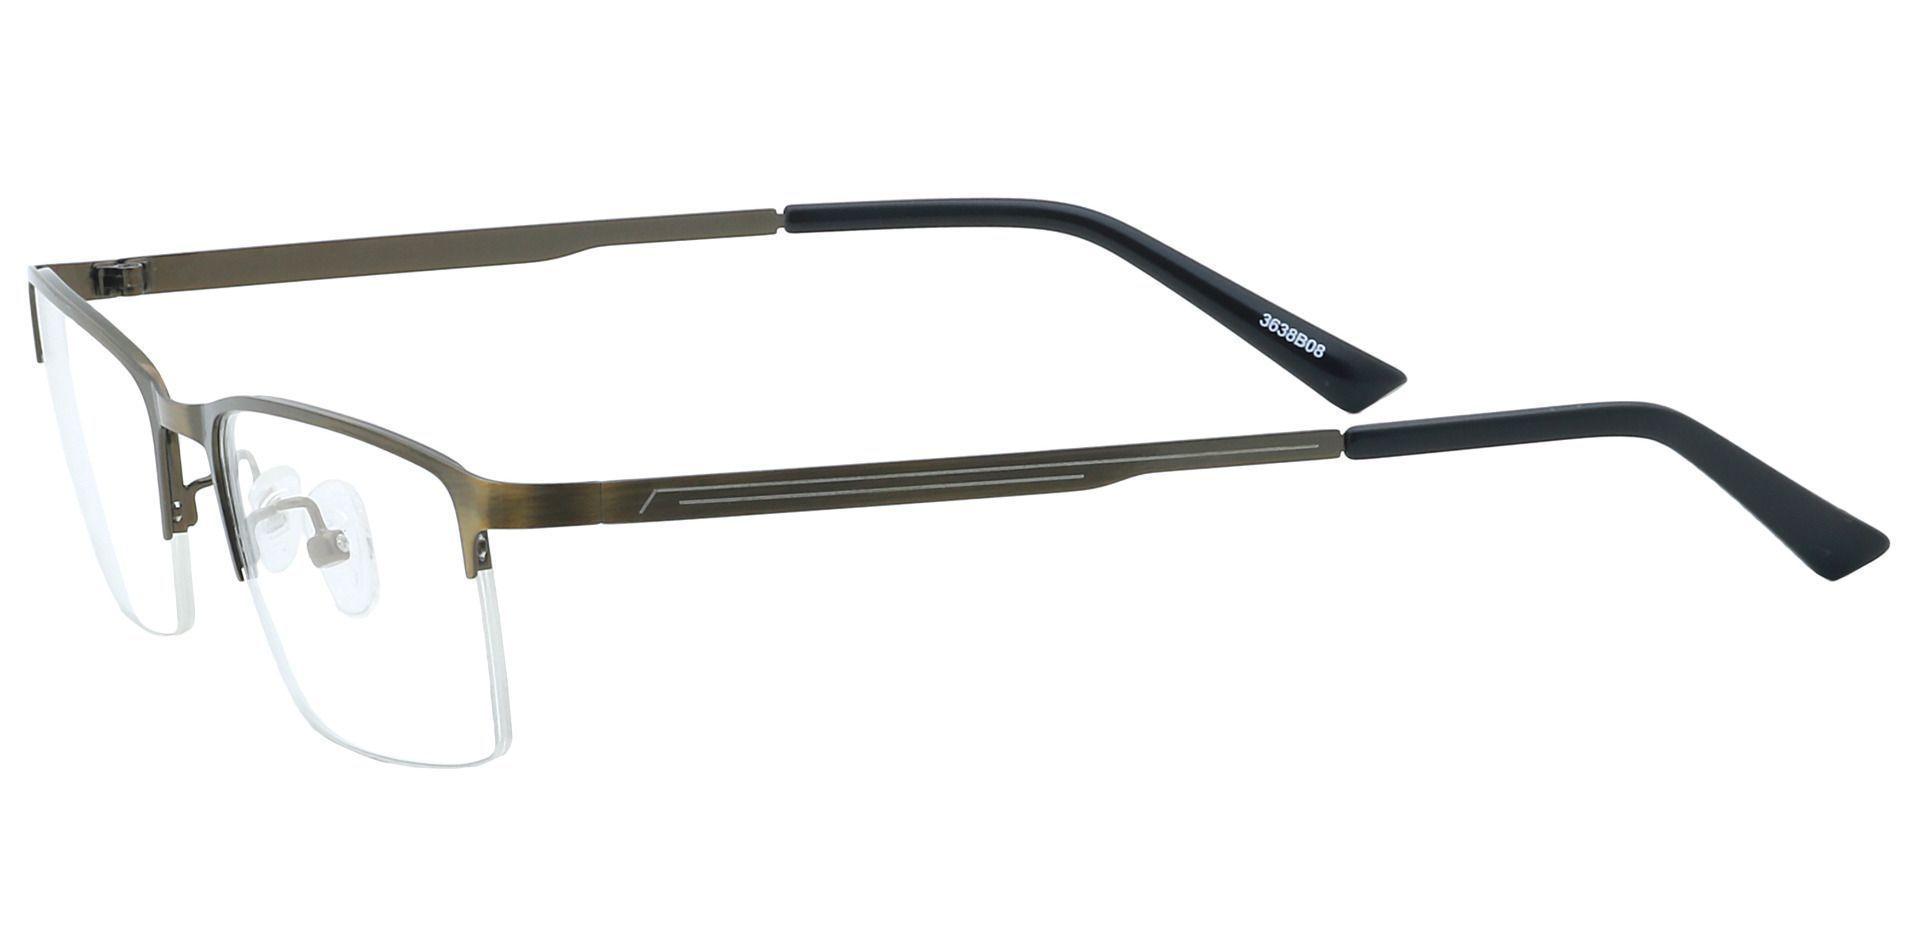 Rue Rectangle Non-Rx Glasses - Brown